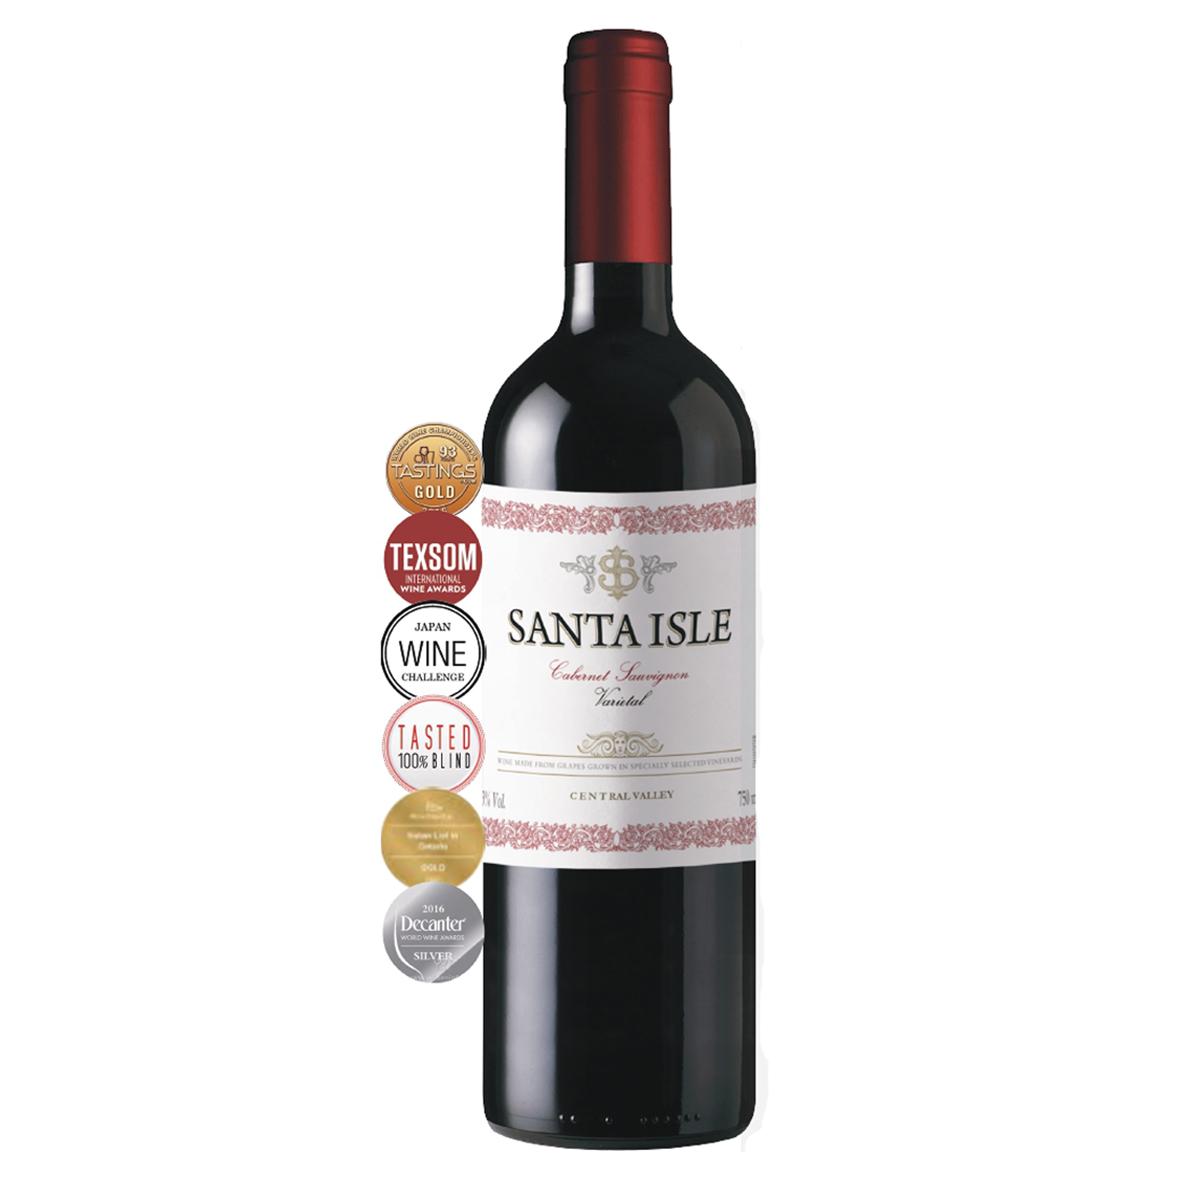 智利中央山谷圣艾尔斯赤霞珠干红葡萄酒红酒